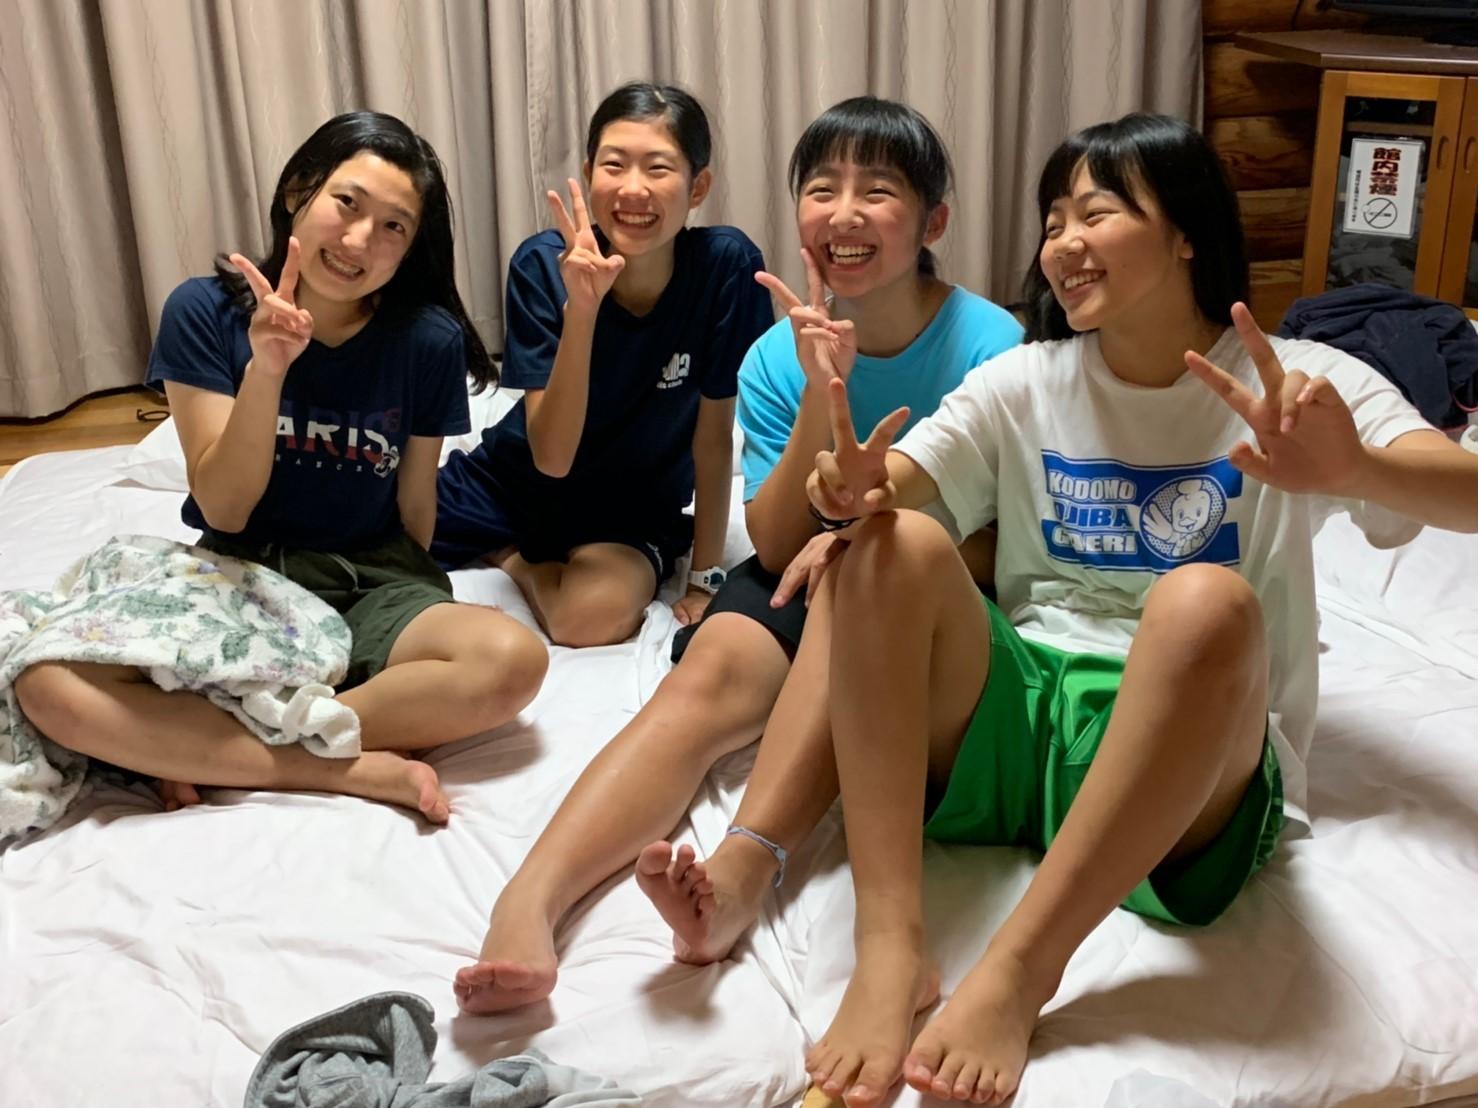 中3夏合宿 子どもたちの写真②_d0116009_20000139.jpeg